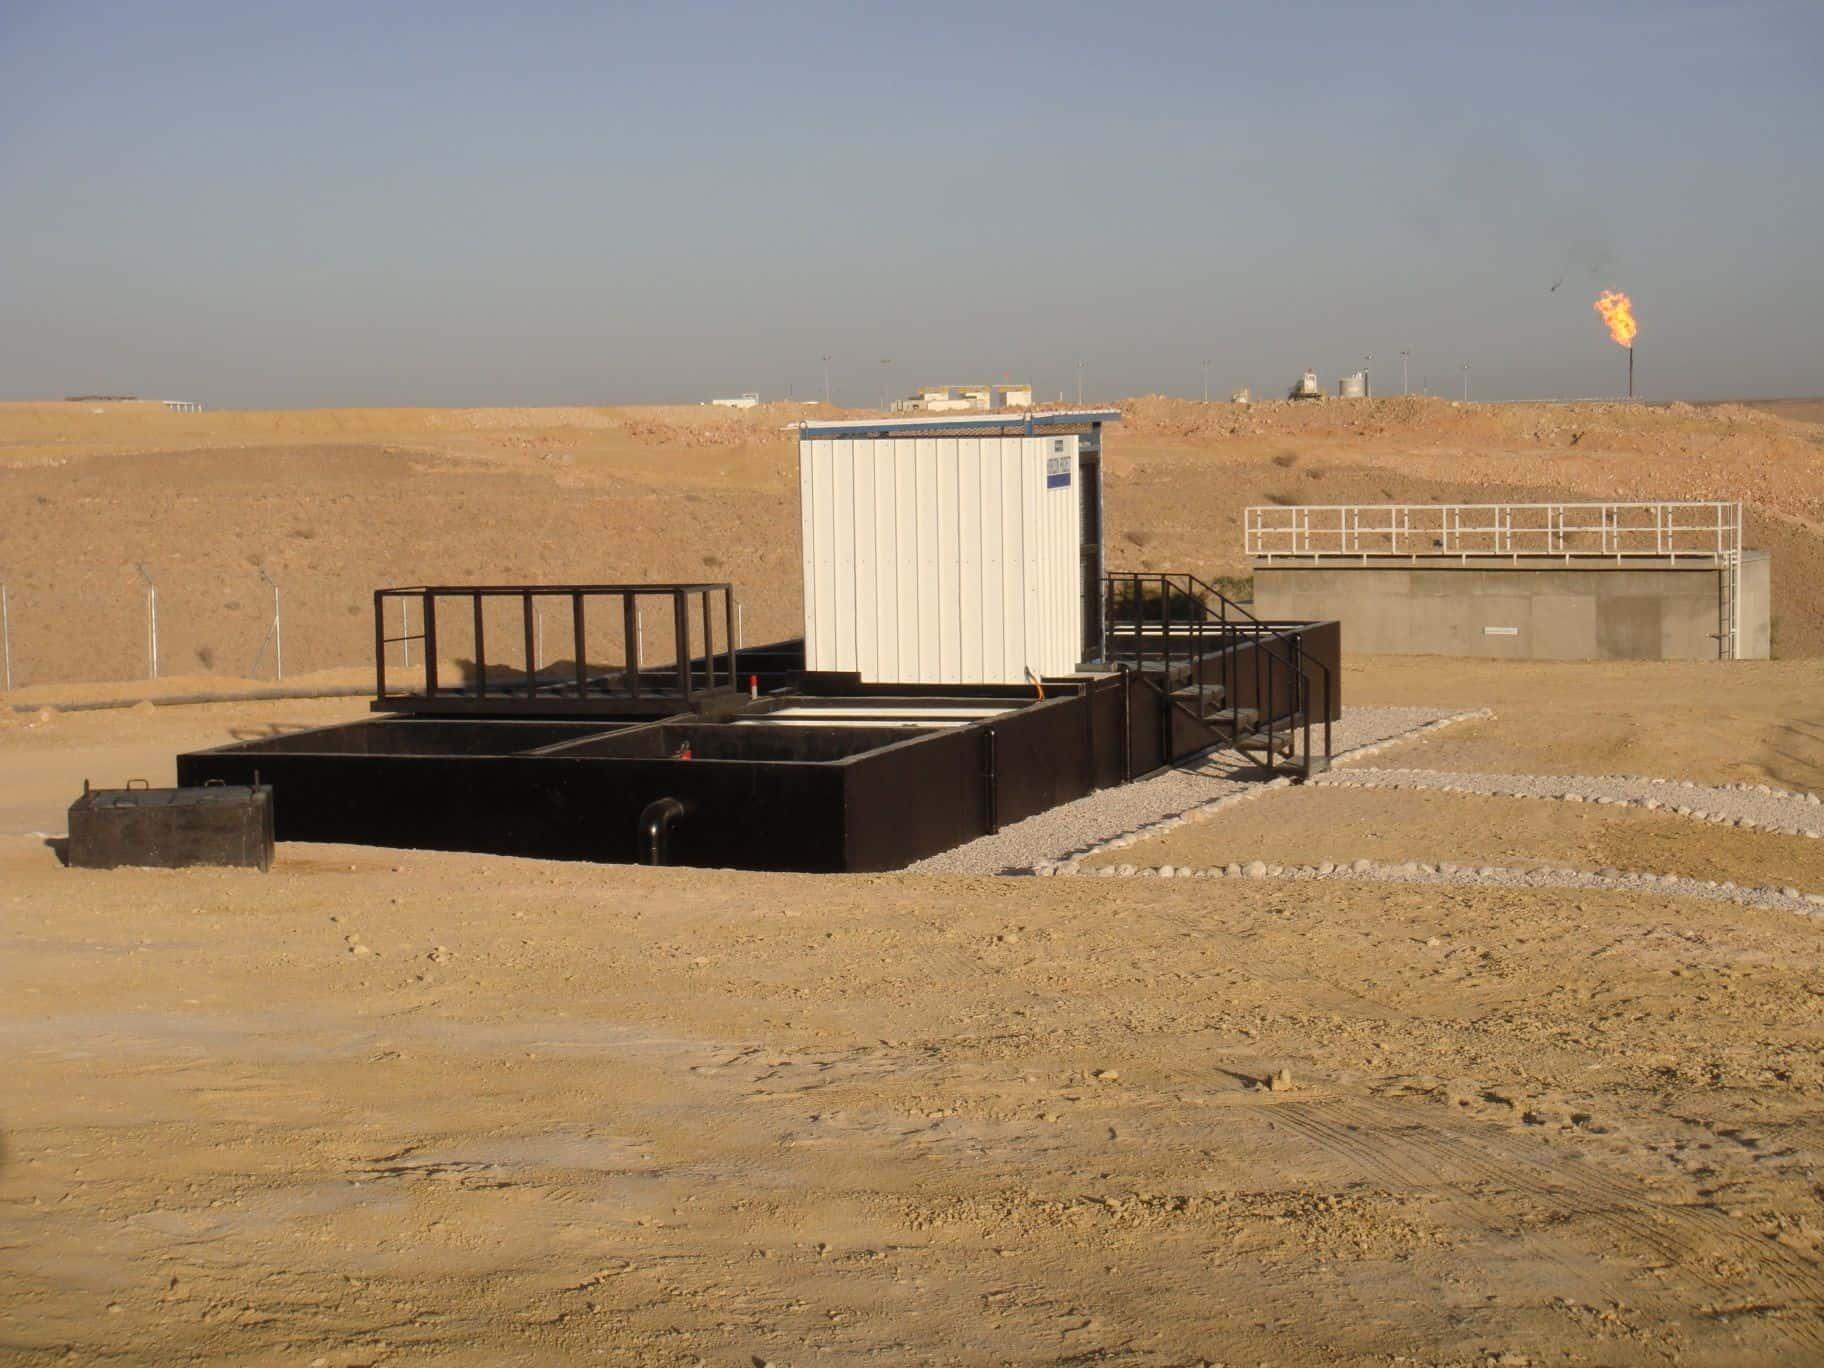 BioReactor in Yemen